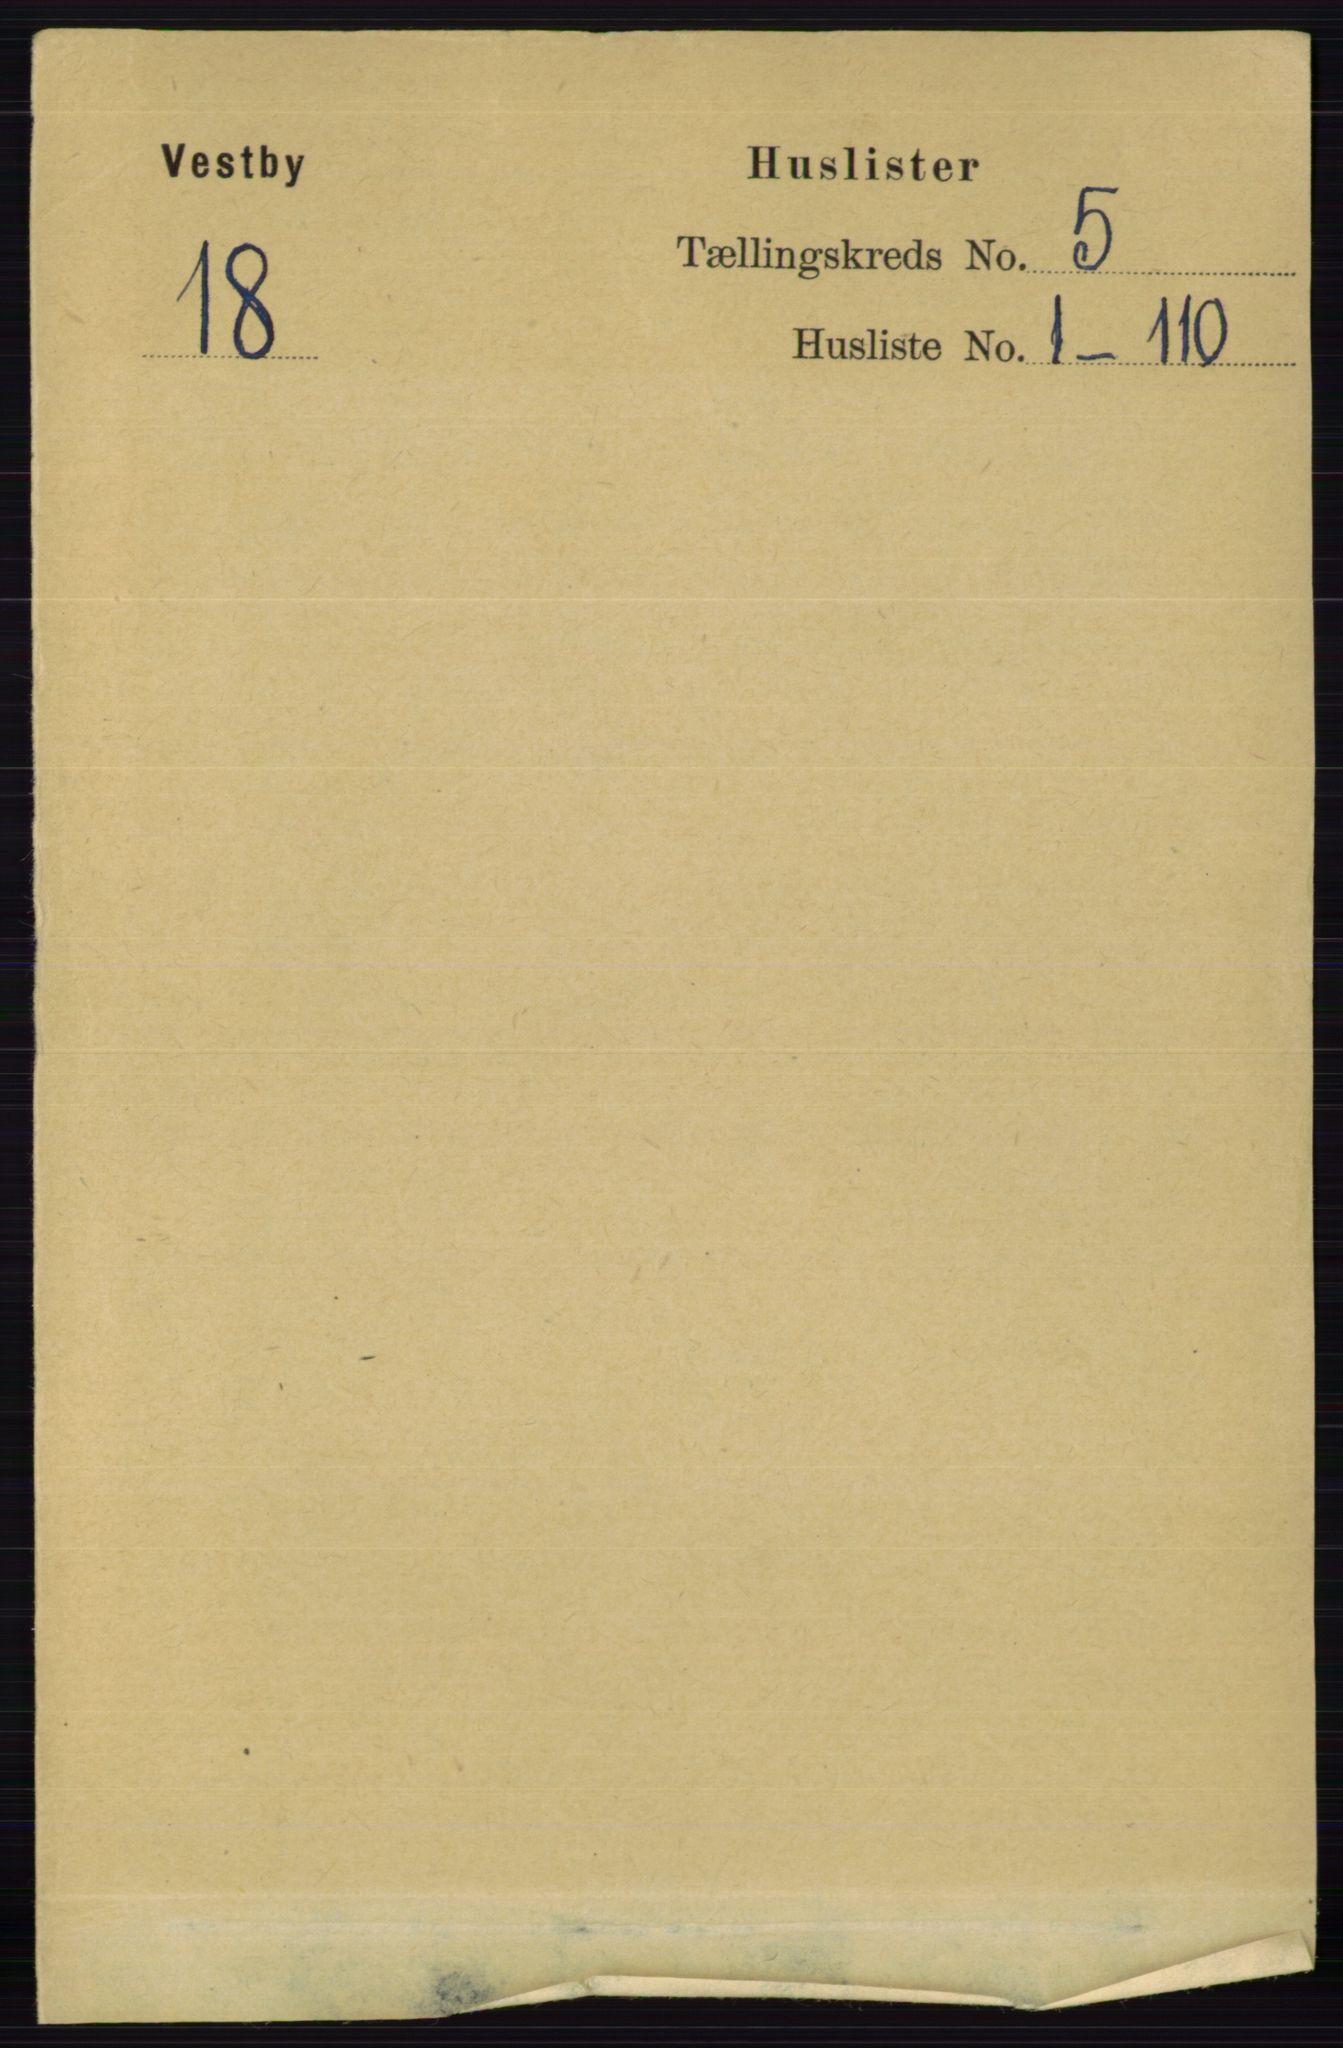 RA, Folketelling 1891 for 0211 Vestby herred, 1891, s. 2044